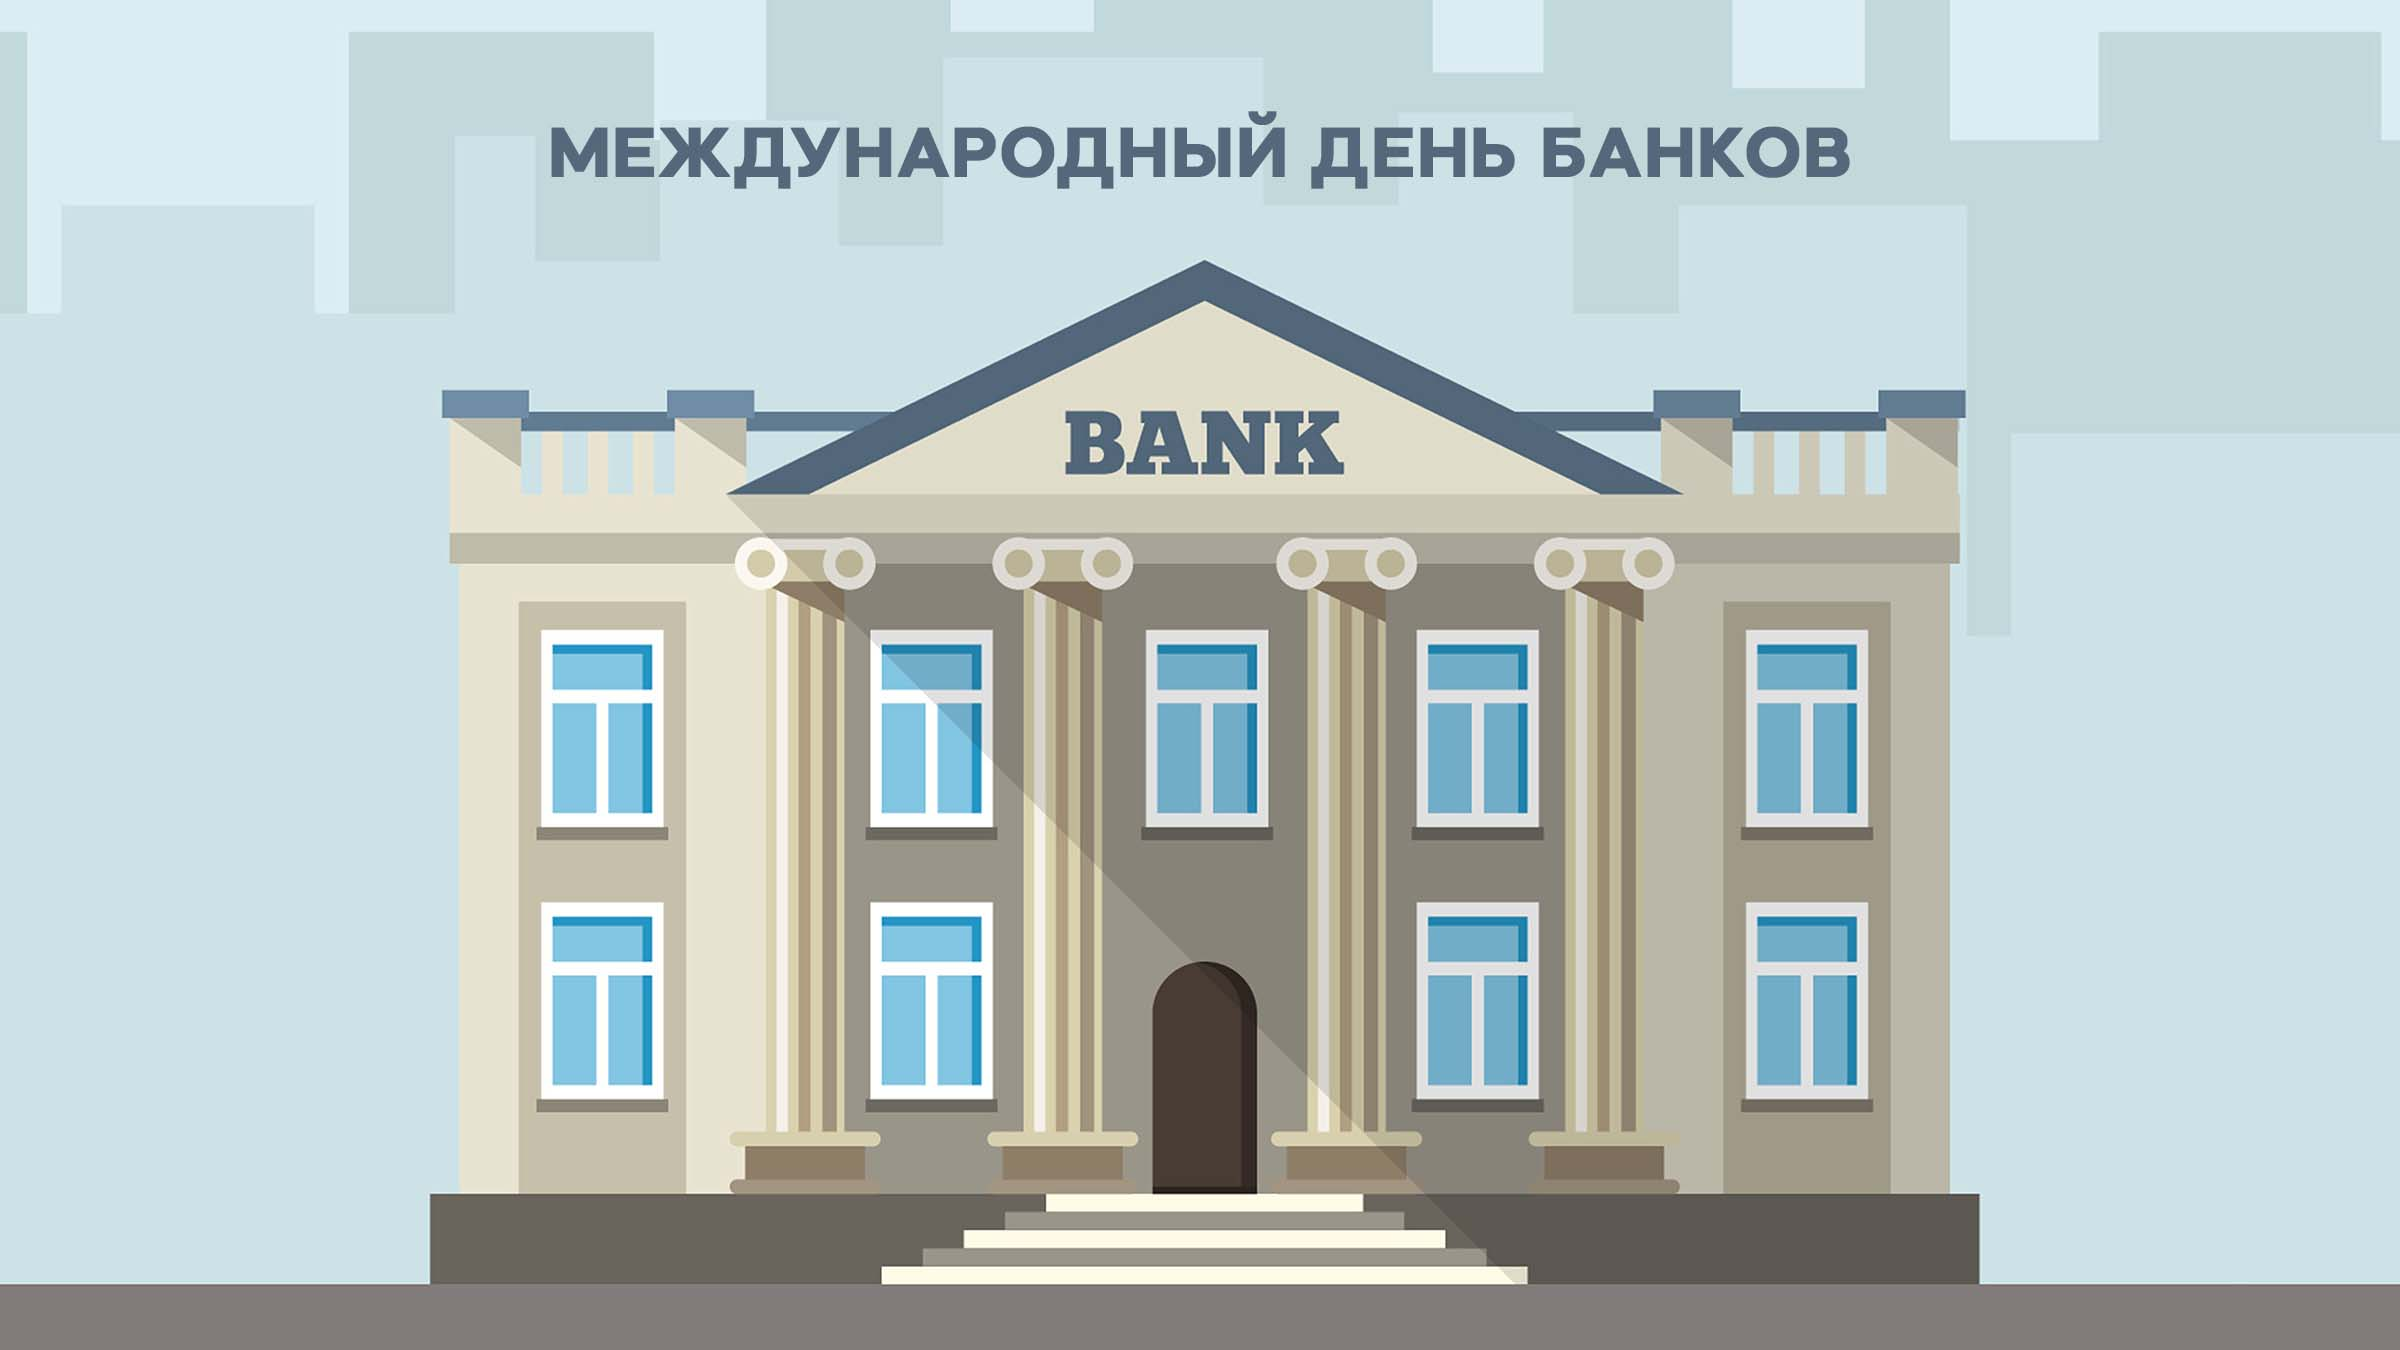 """""""Genesis Innovation"""" kompaniyasi Xalqaro banklar kuni bilan tabriklaydi!"""